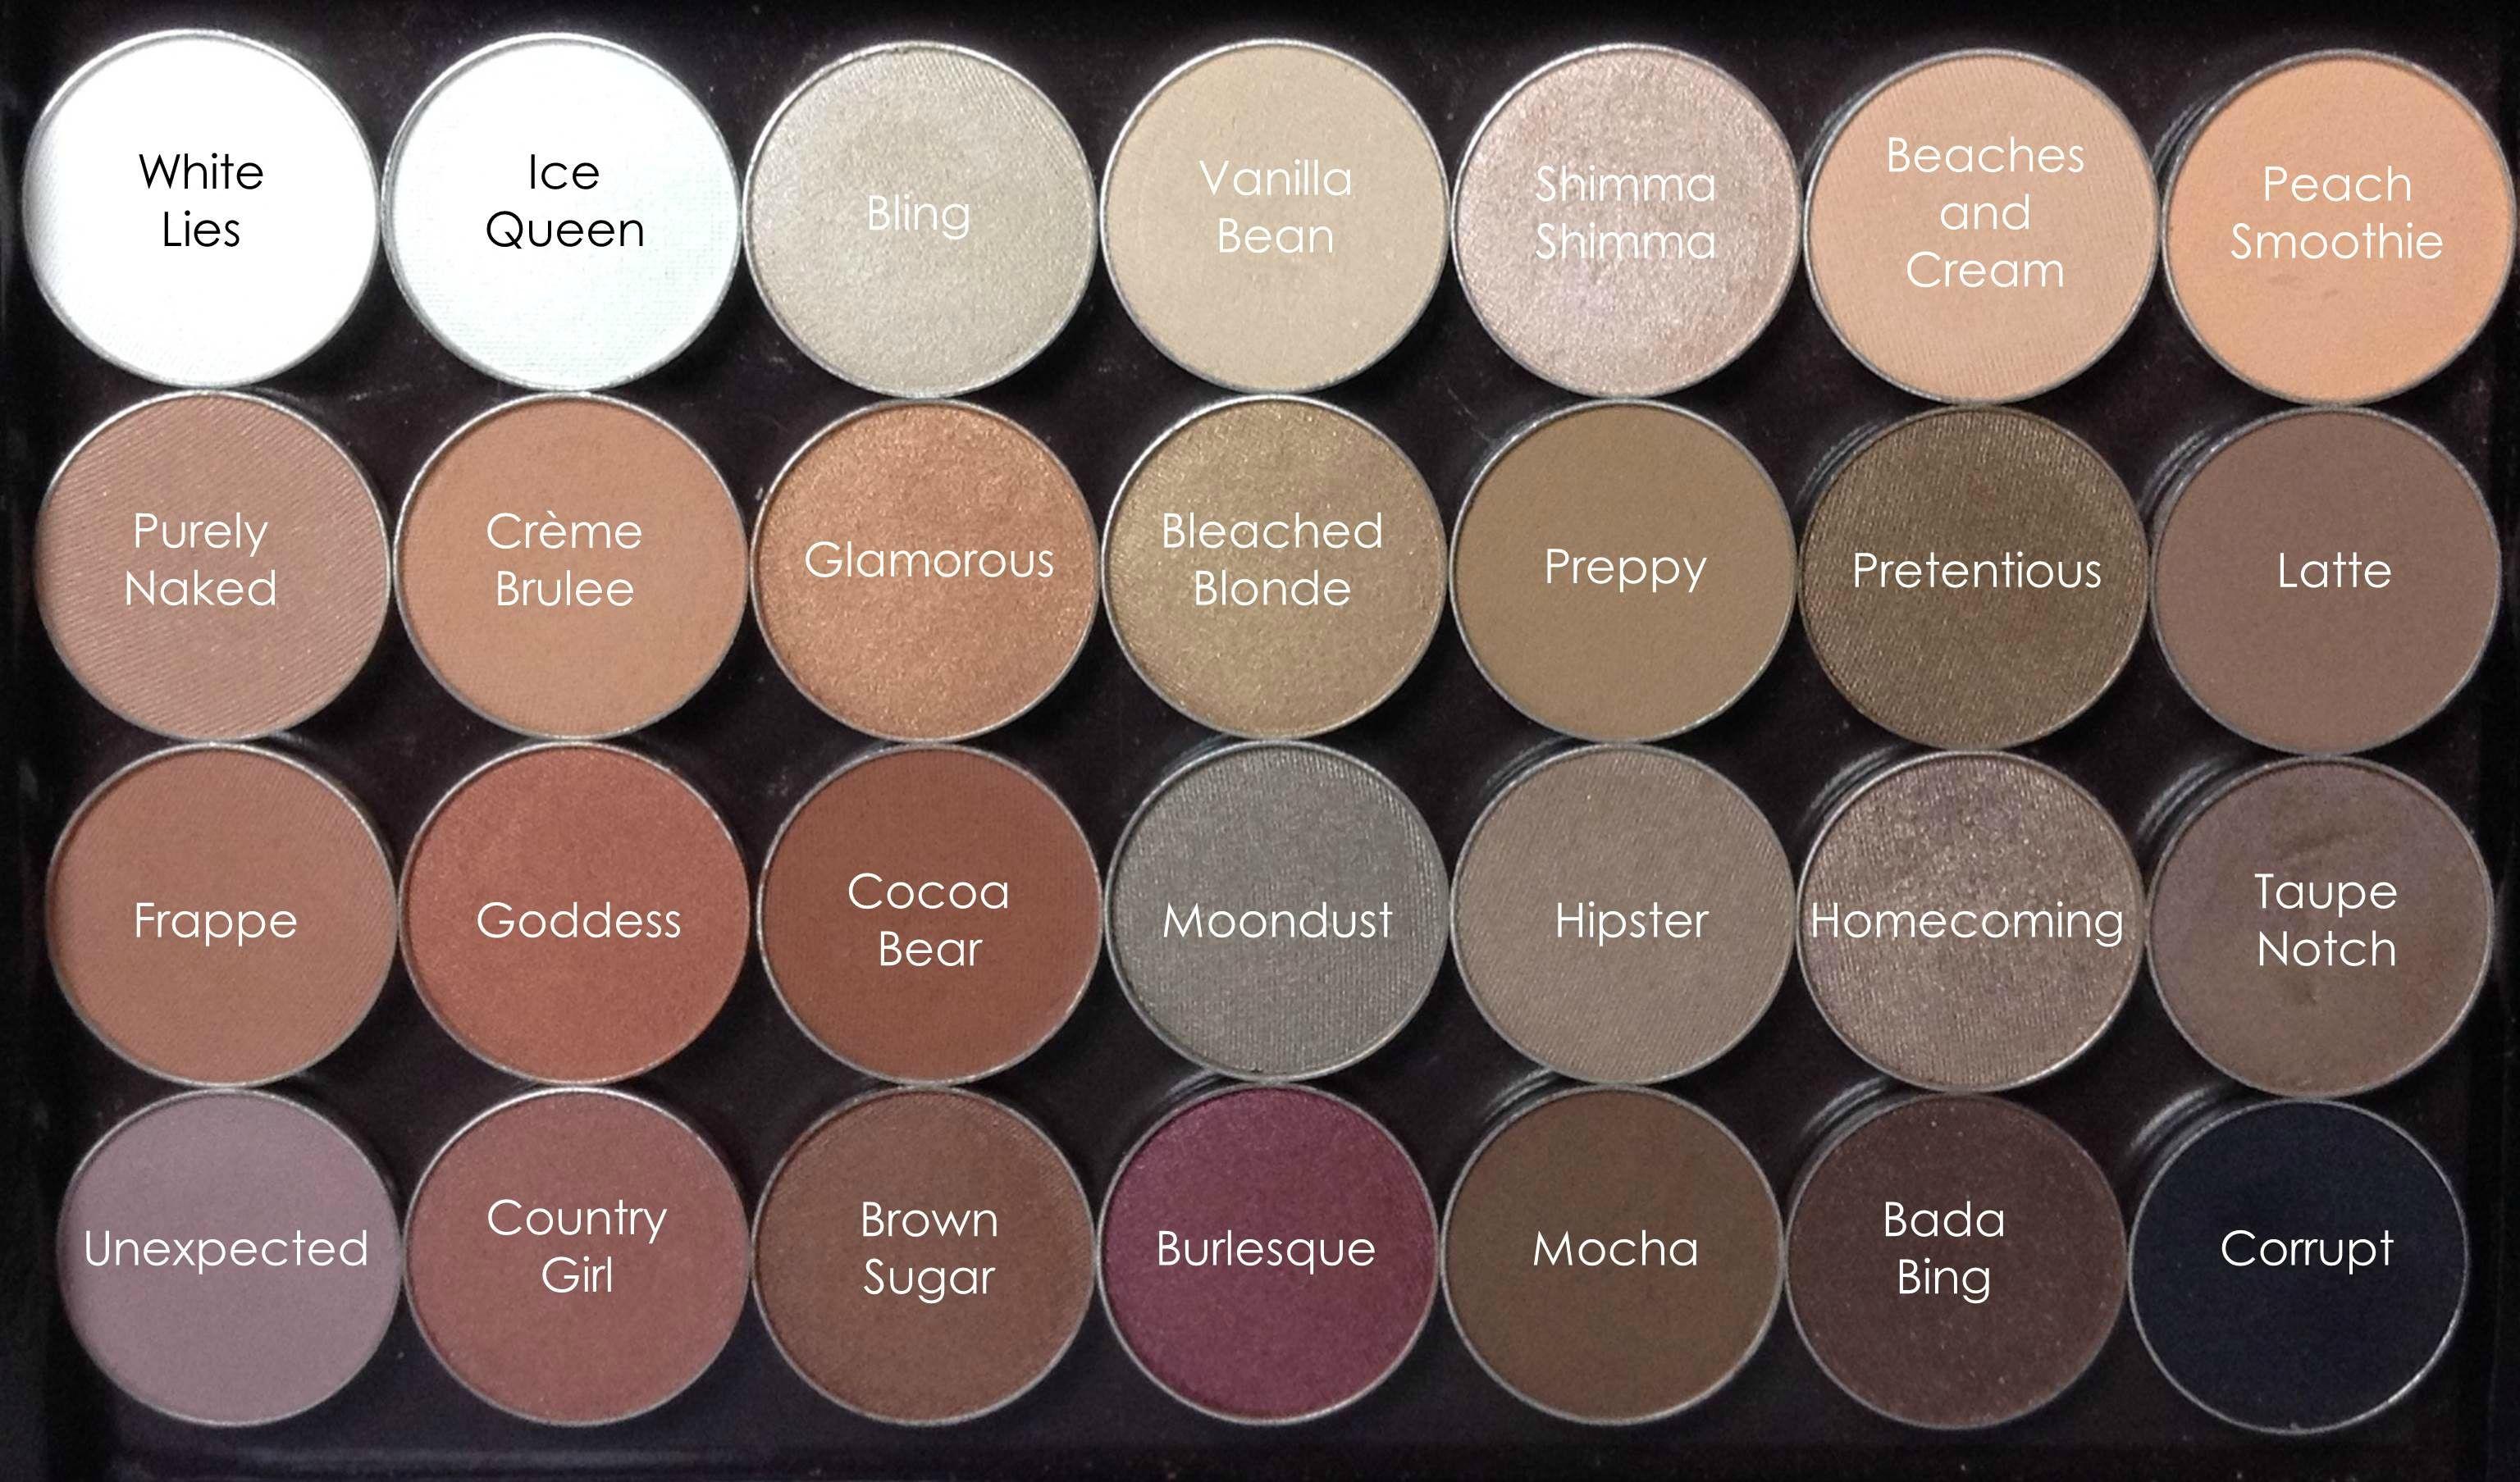 Makeup Geek Neutral Eyeshadow Palette Makeup geek